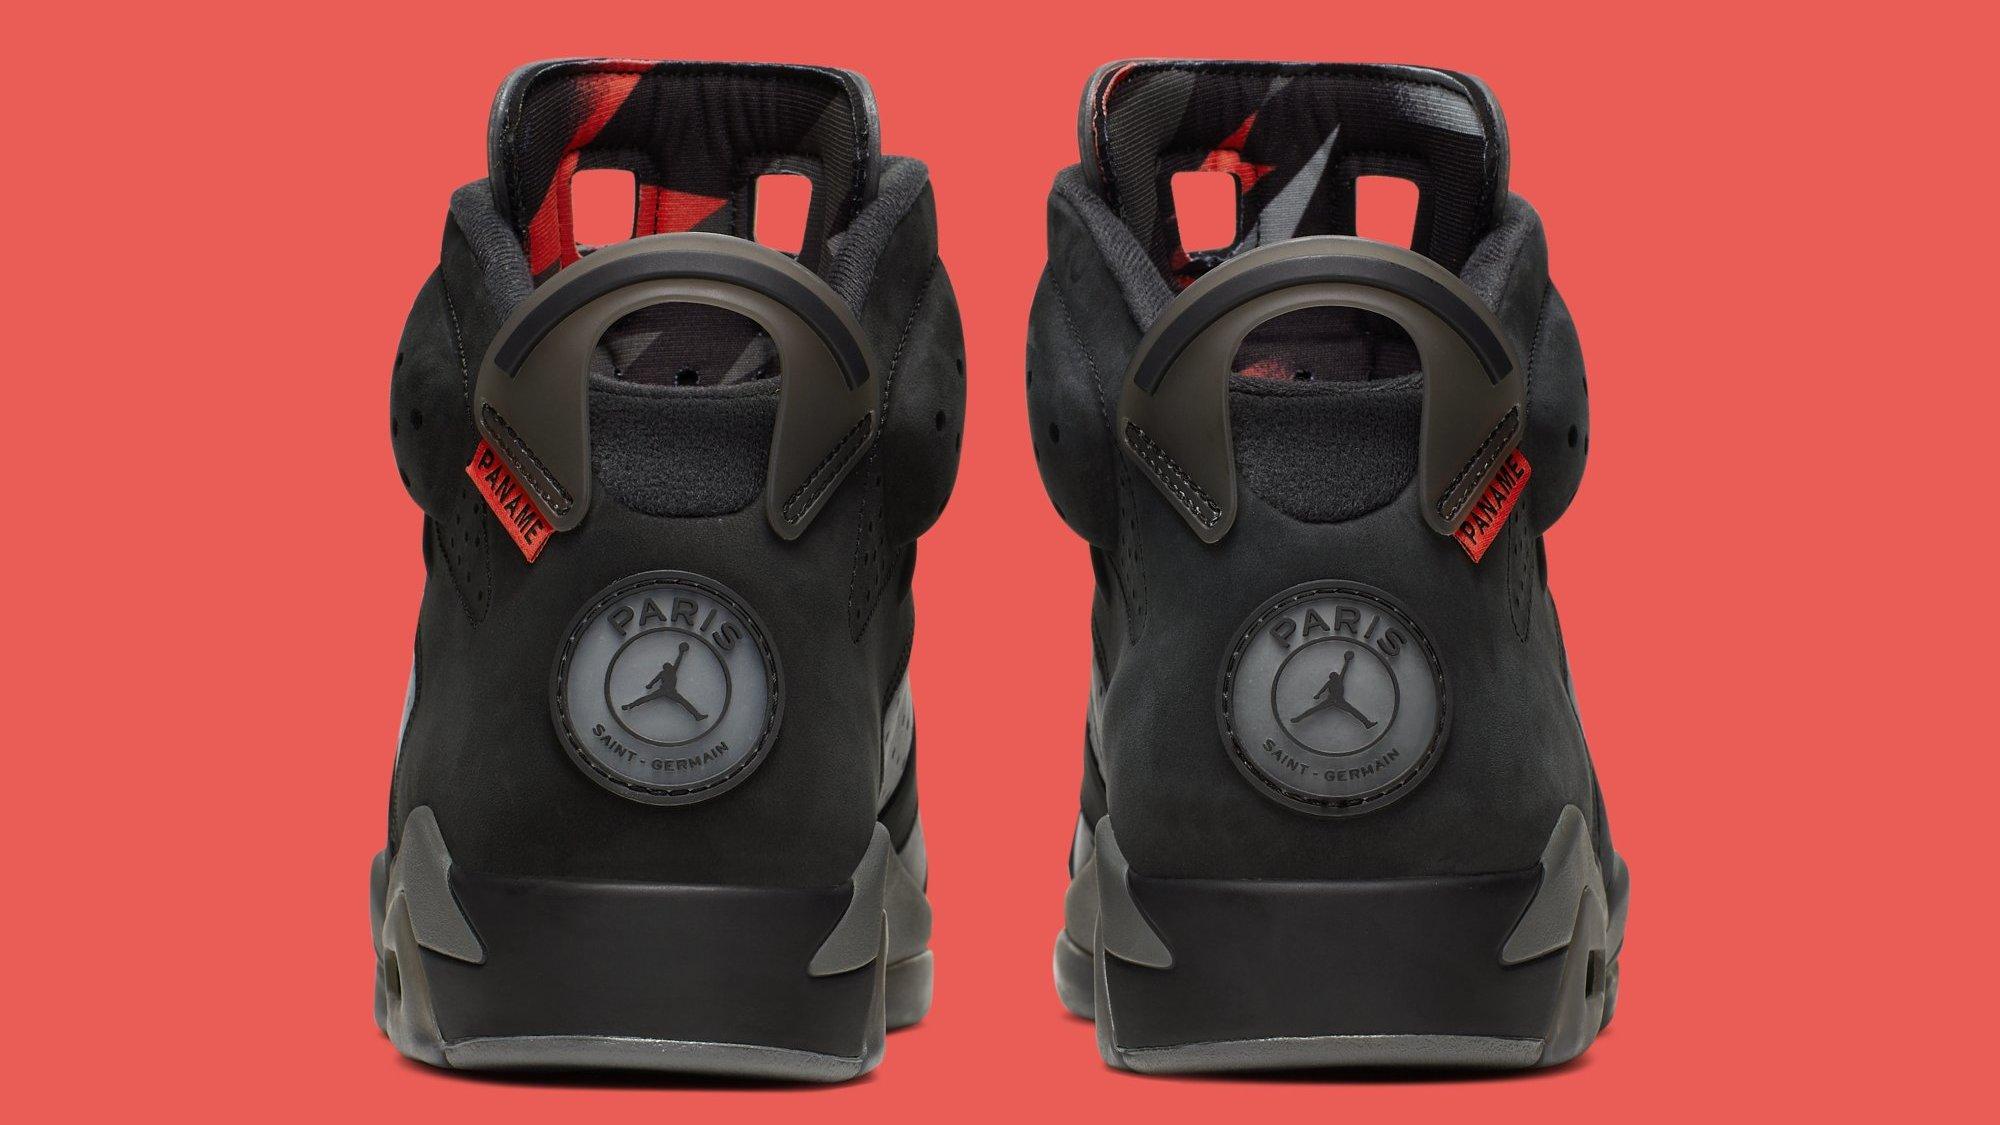 promo code cfbc8 26a2e Air Jordan 6 Retro 'PSG' Iron Grey/Infrared 23-Black CI4072 ...